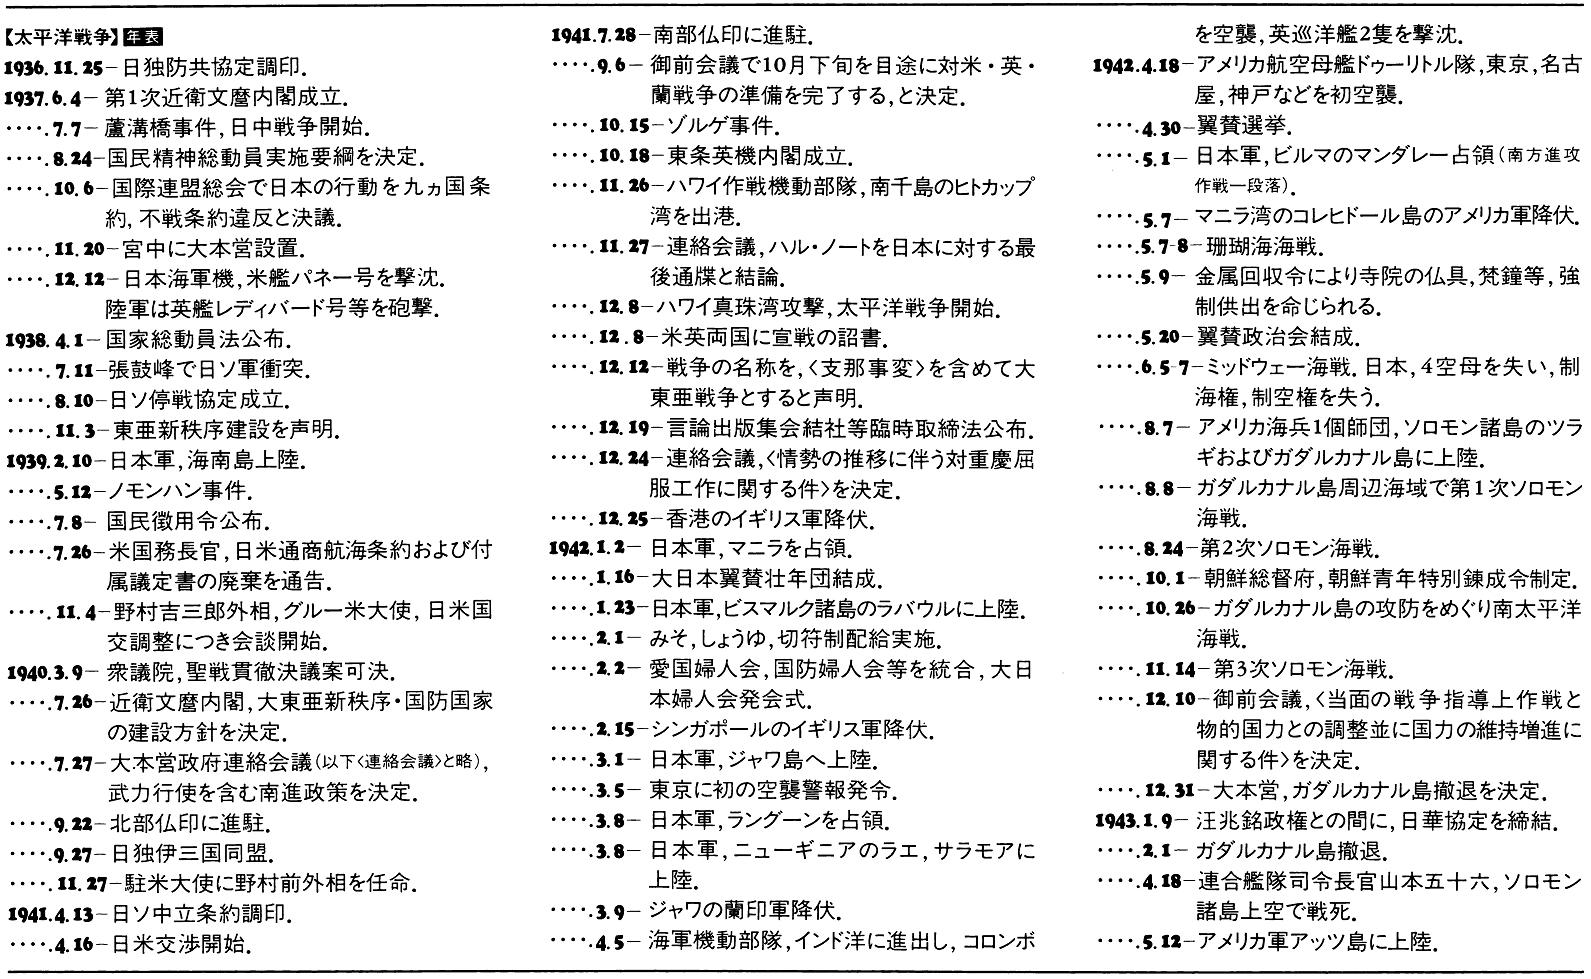 太平洋戦争 年表